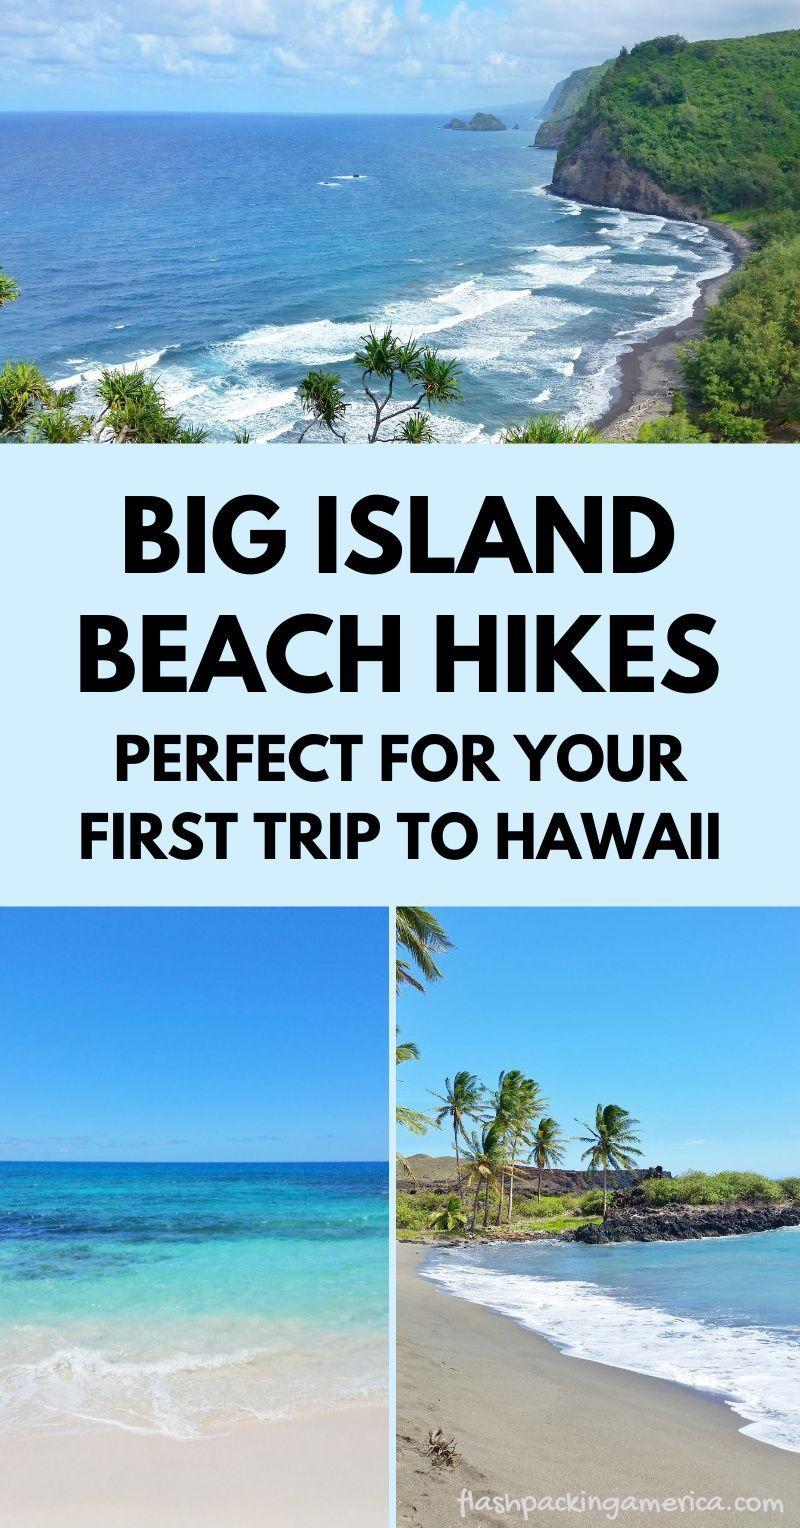 Best beach hikes in Hawaii on the Big Island 🌴 Hawaii travel blog